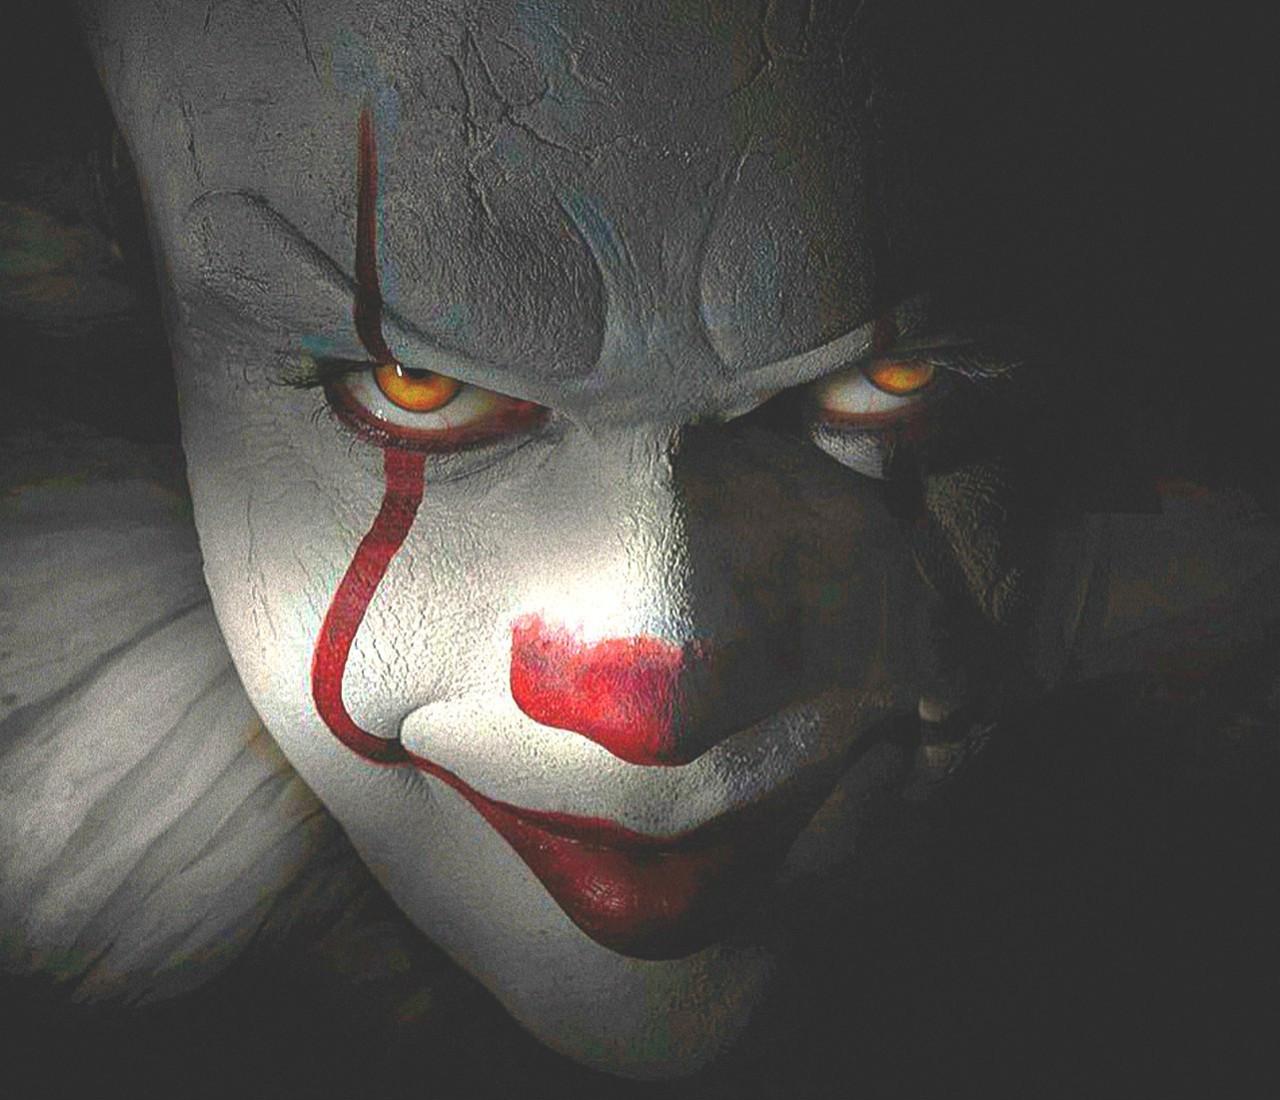 世界小丑协会 怒 请别邪恶化小丑